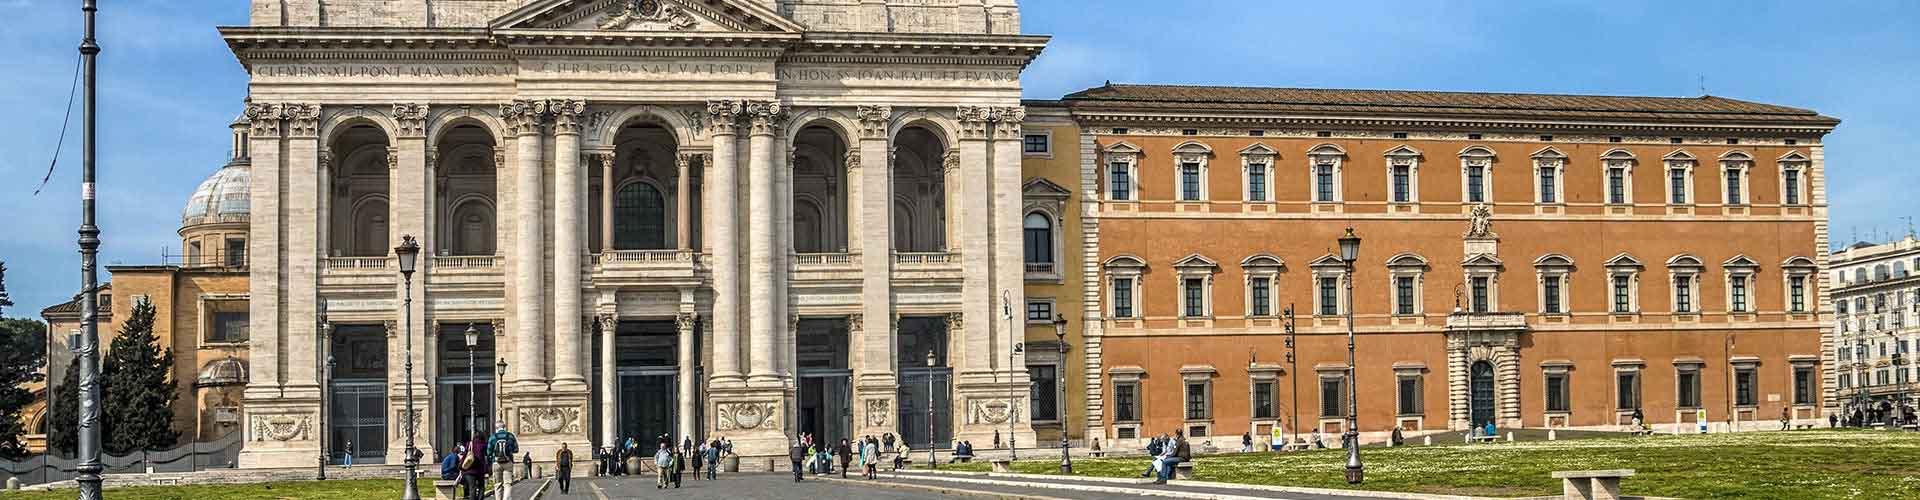 Rome - Hôtels dans le quartier de San Giovanni. Cartes pour Rome, photos et commentaires pour chaque hôtel à Rome.